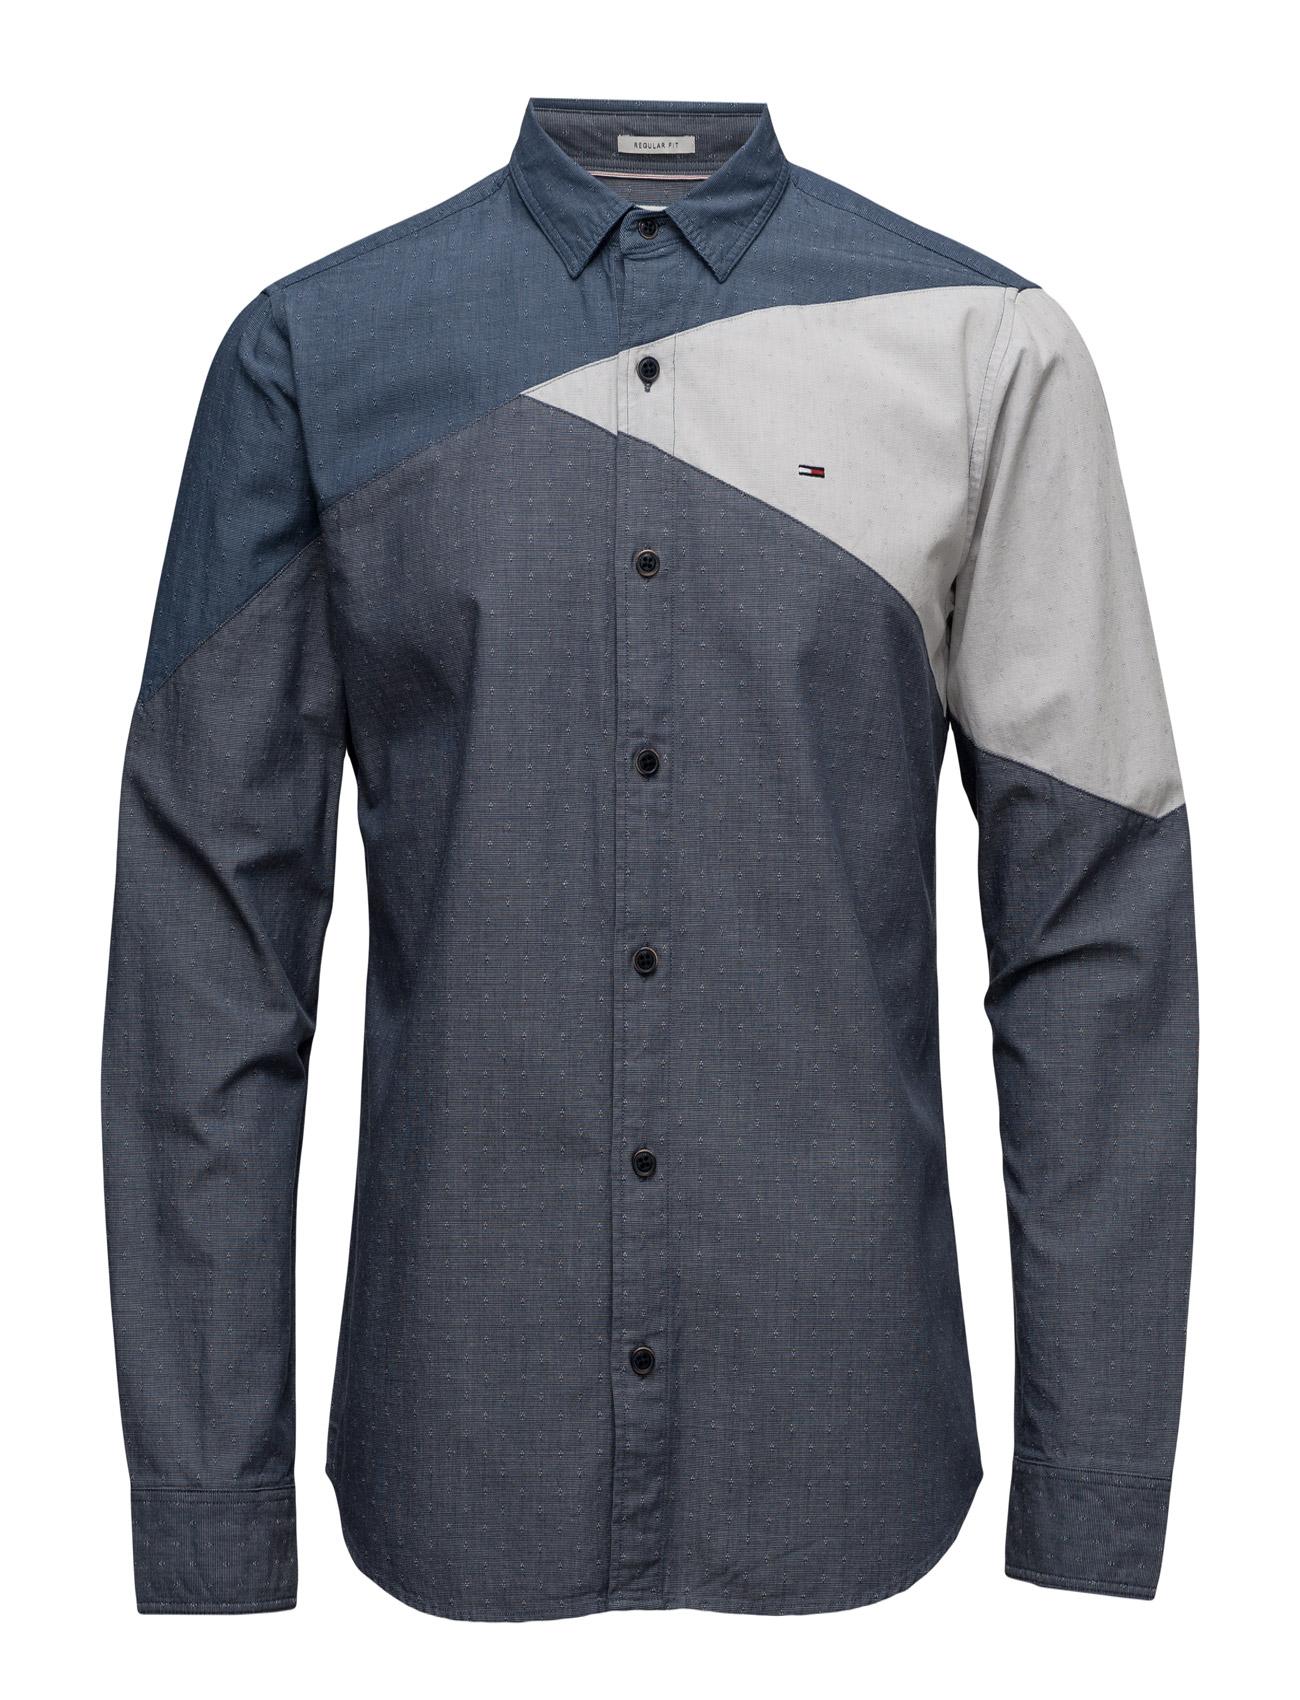 Thdm Reg Colorblock Shirt L/S 19 Hilfiger Denim Casual sko til Herrer i Blå